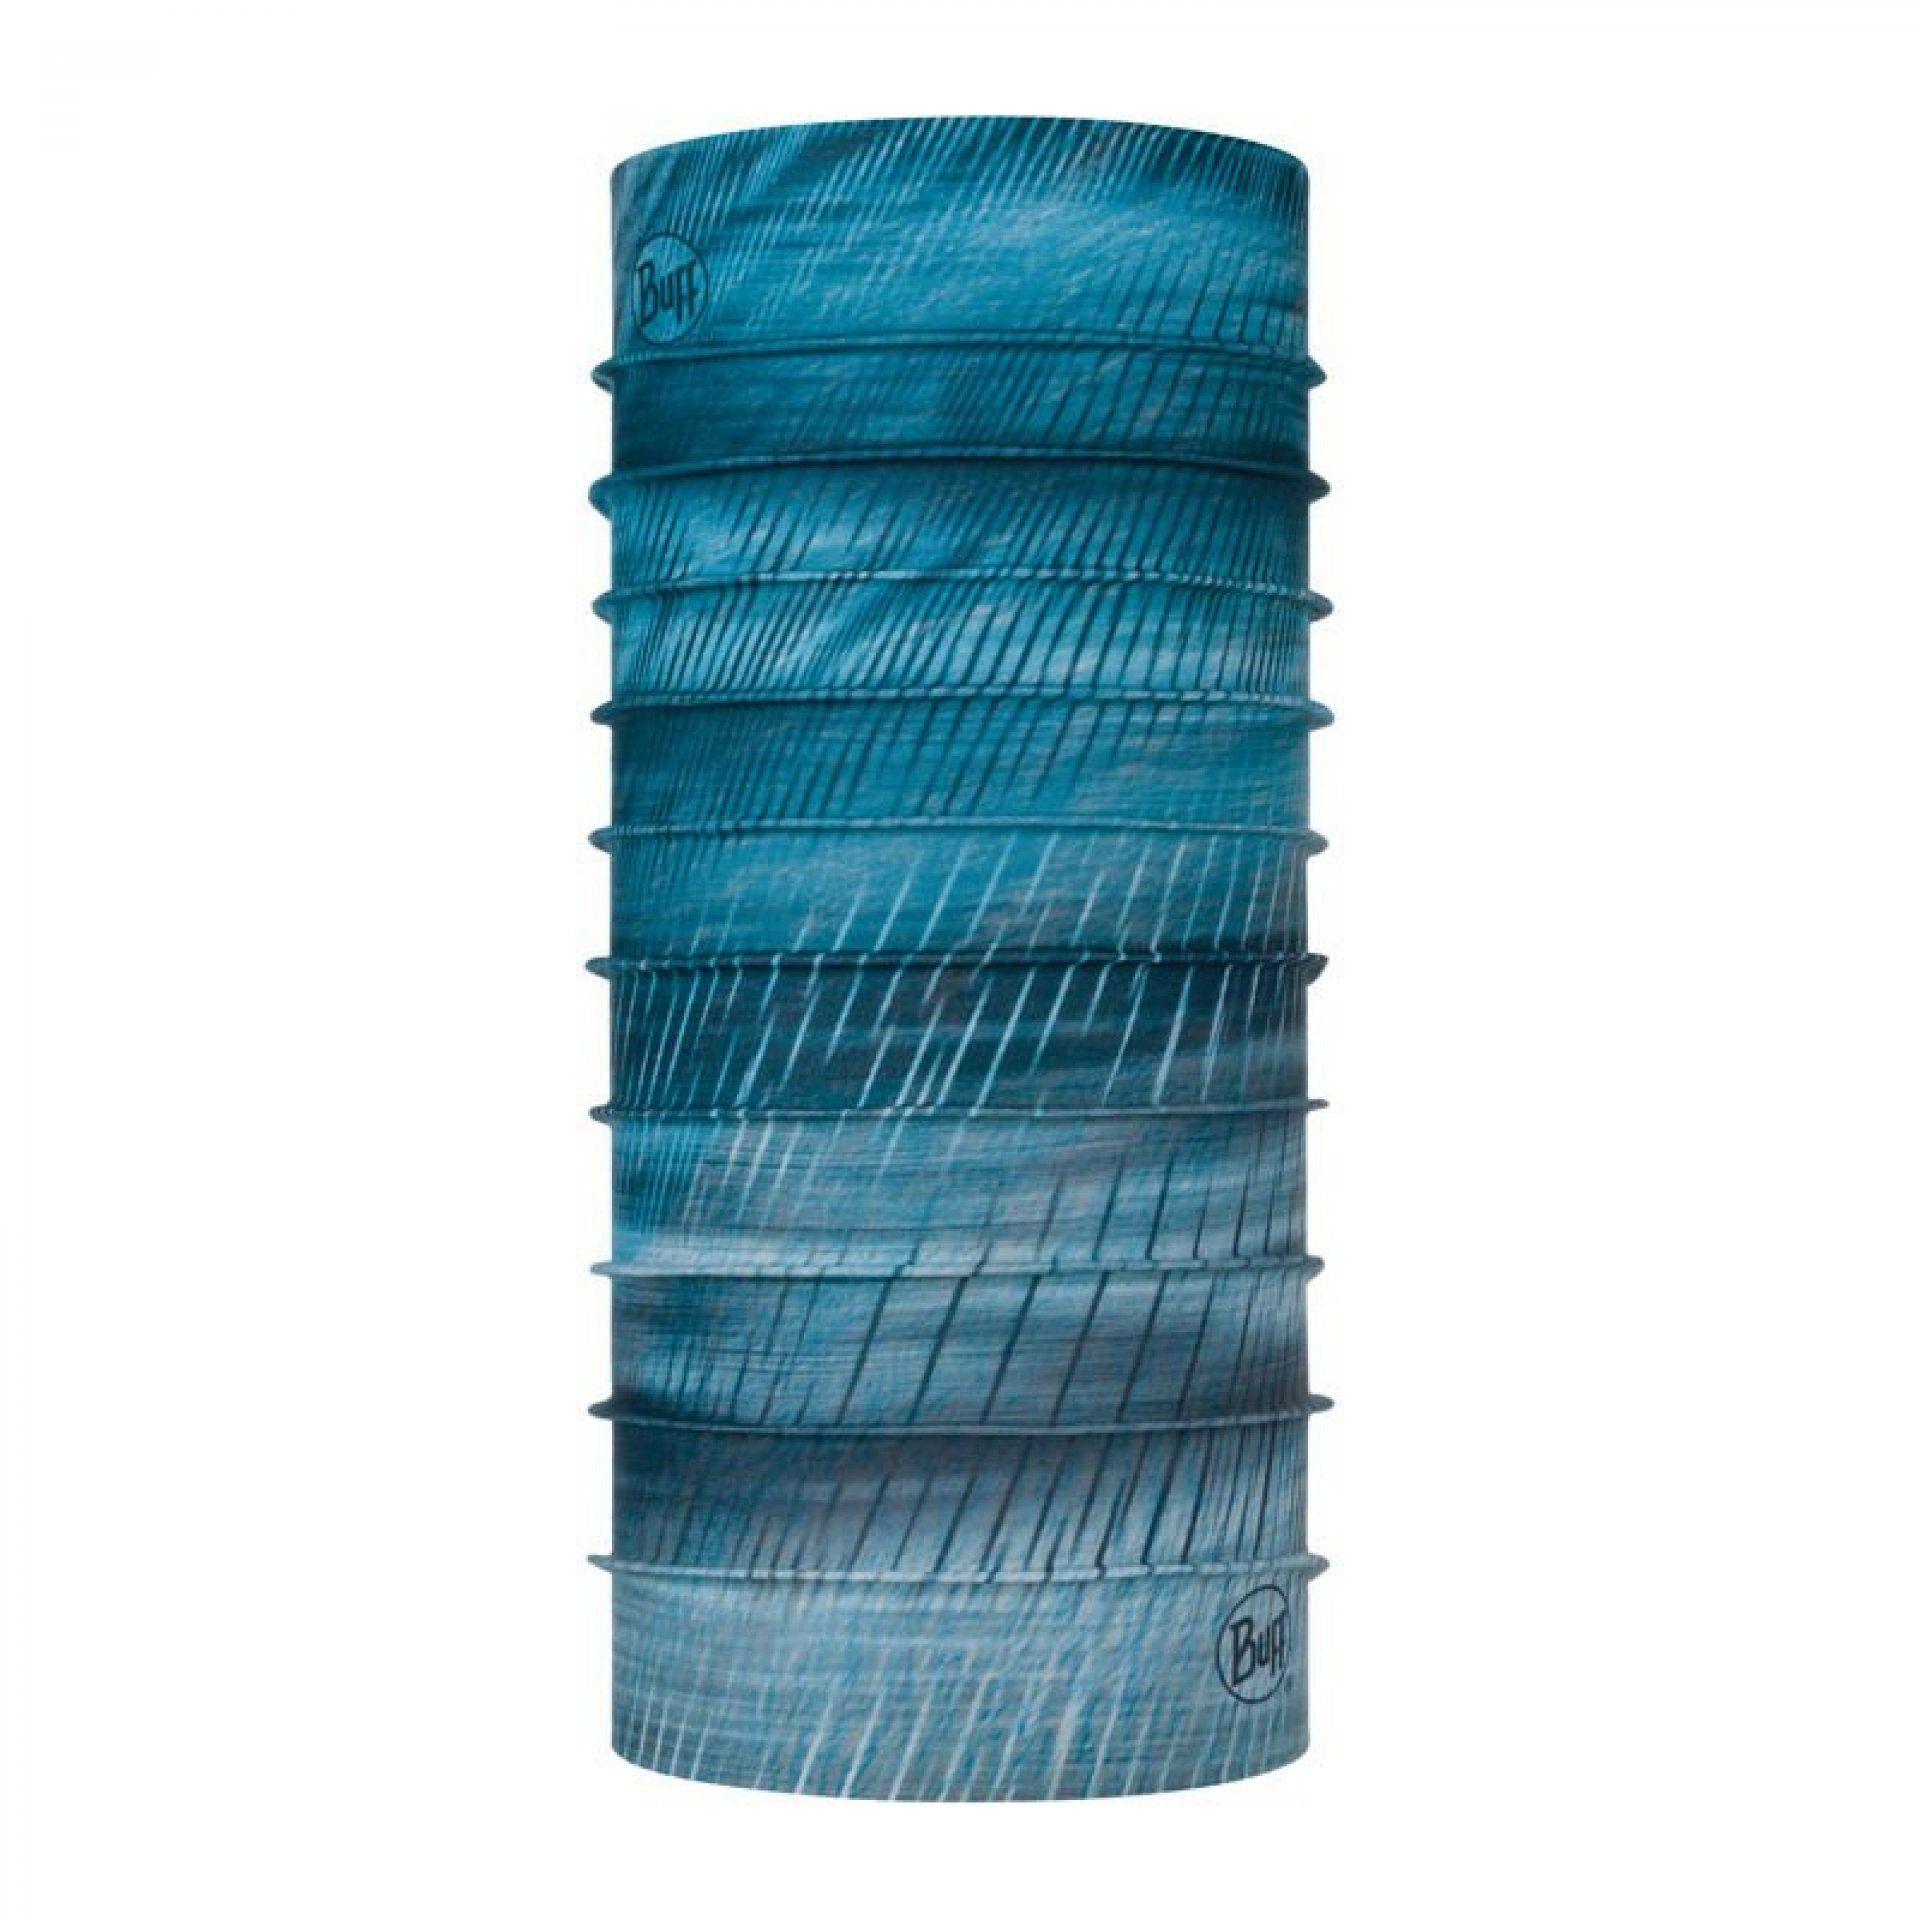 CHUSTA BUFF COOLNET UV+ KEREN STONE BLUE